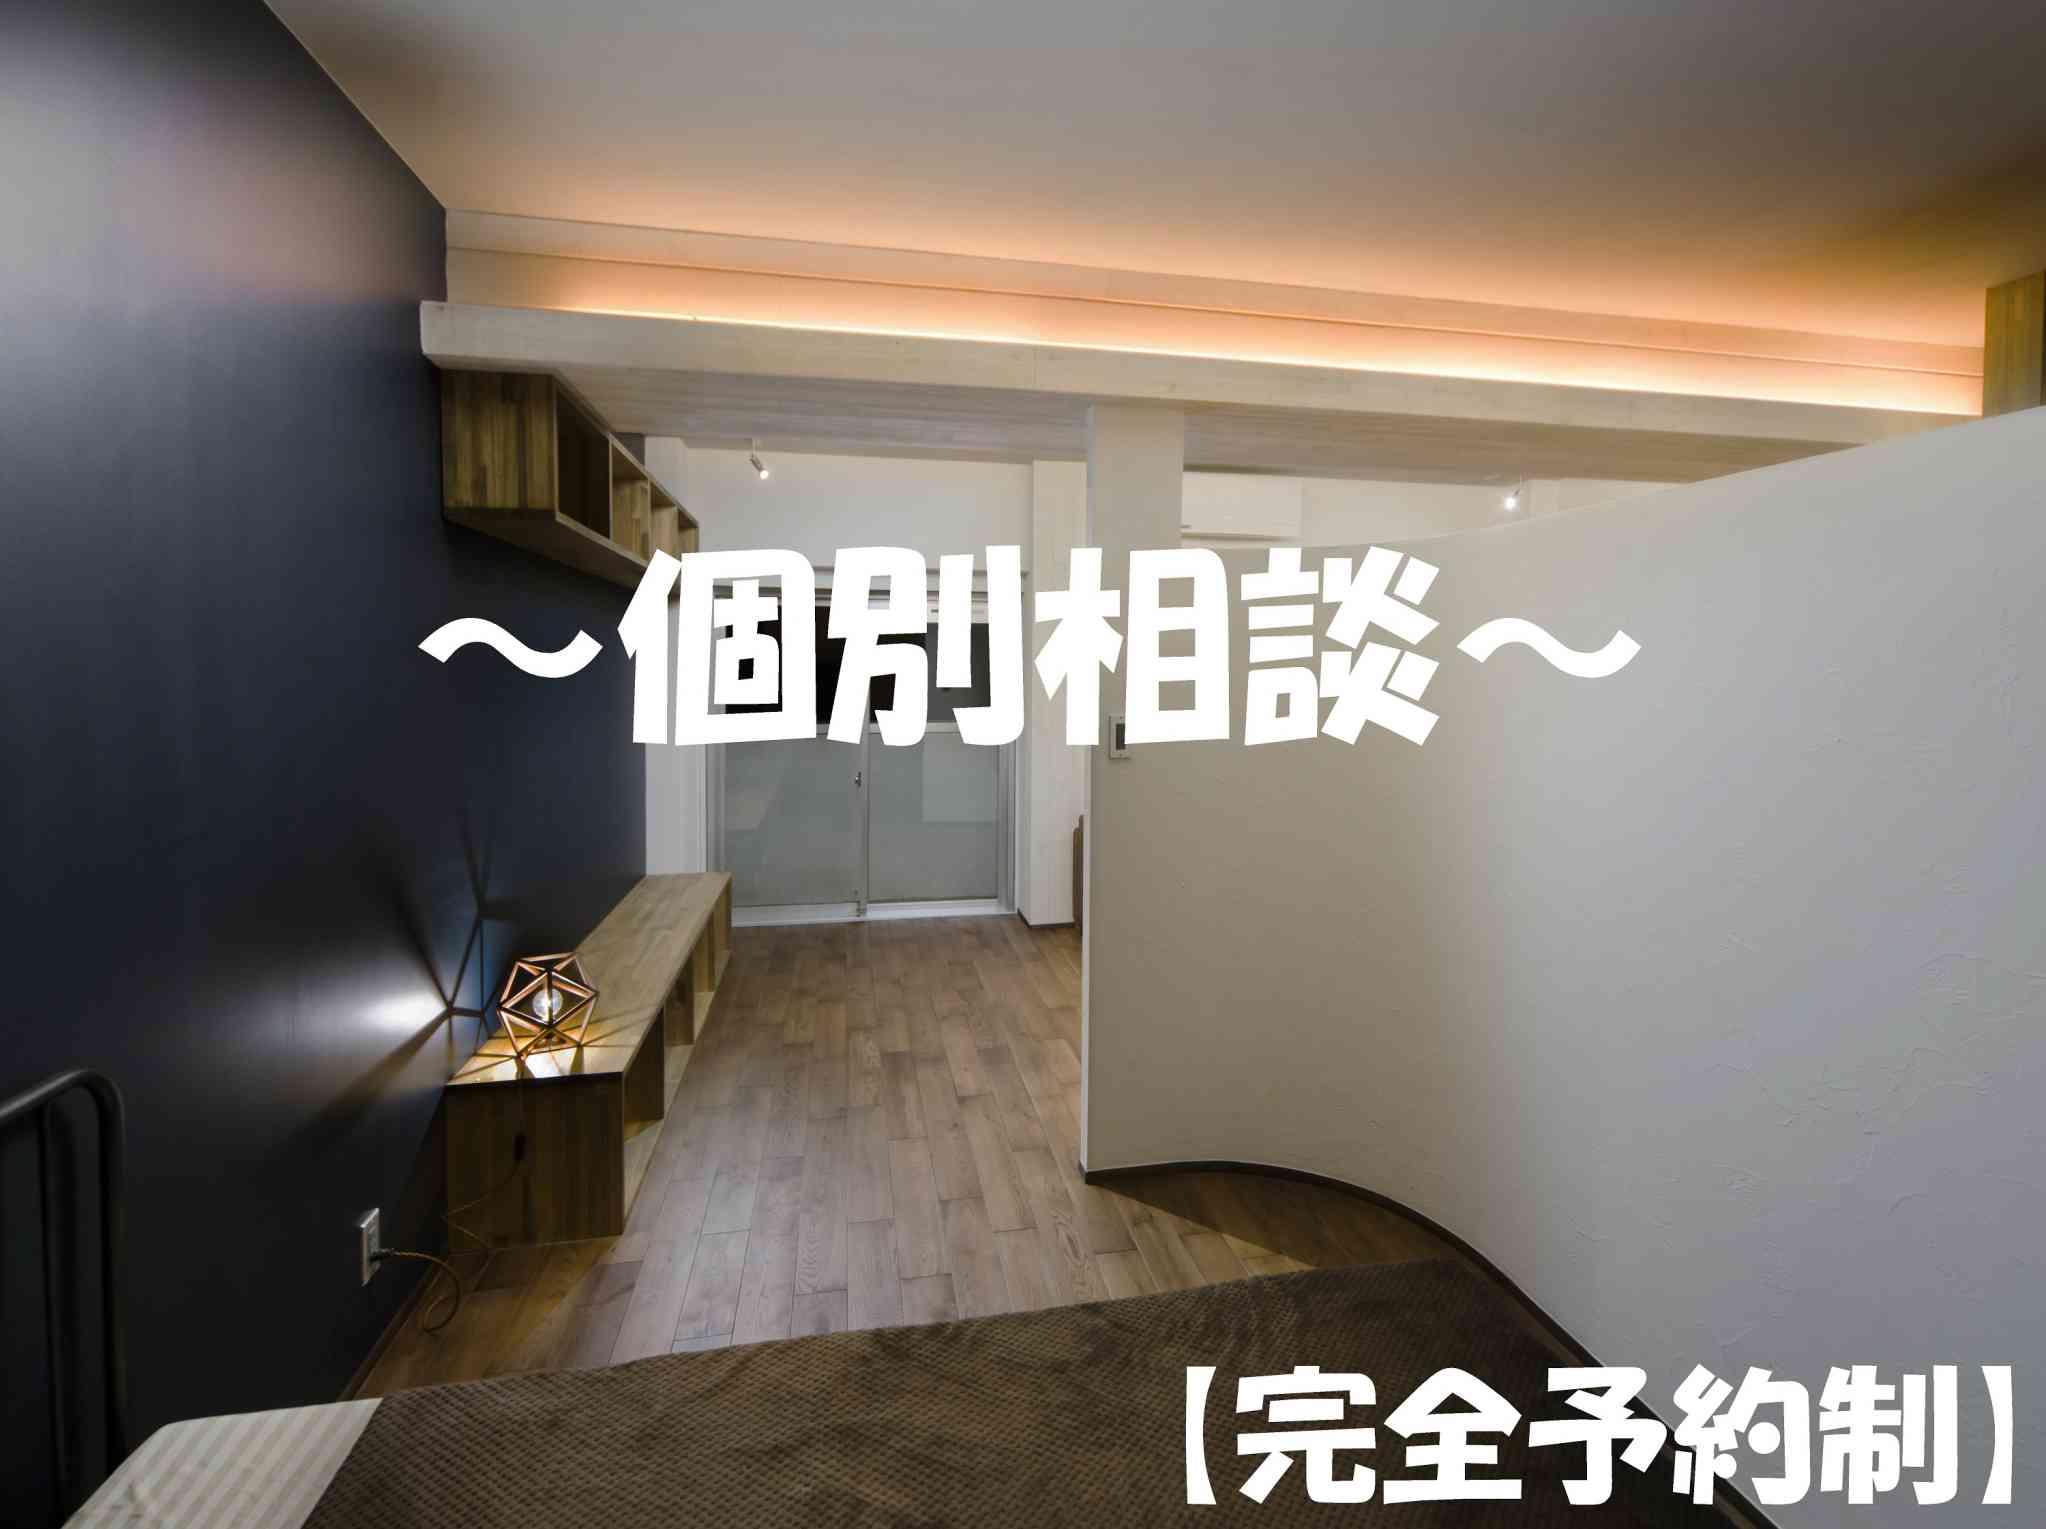 【11月28日(日)開催】個別相談会!